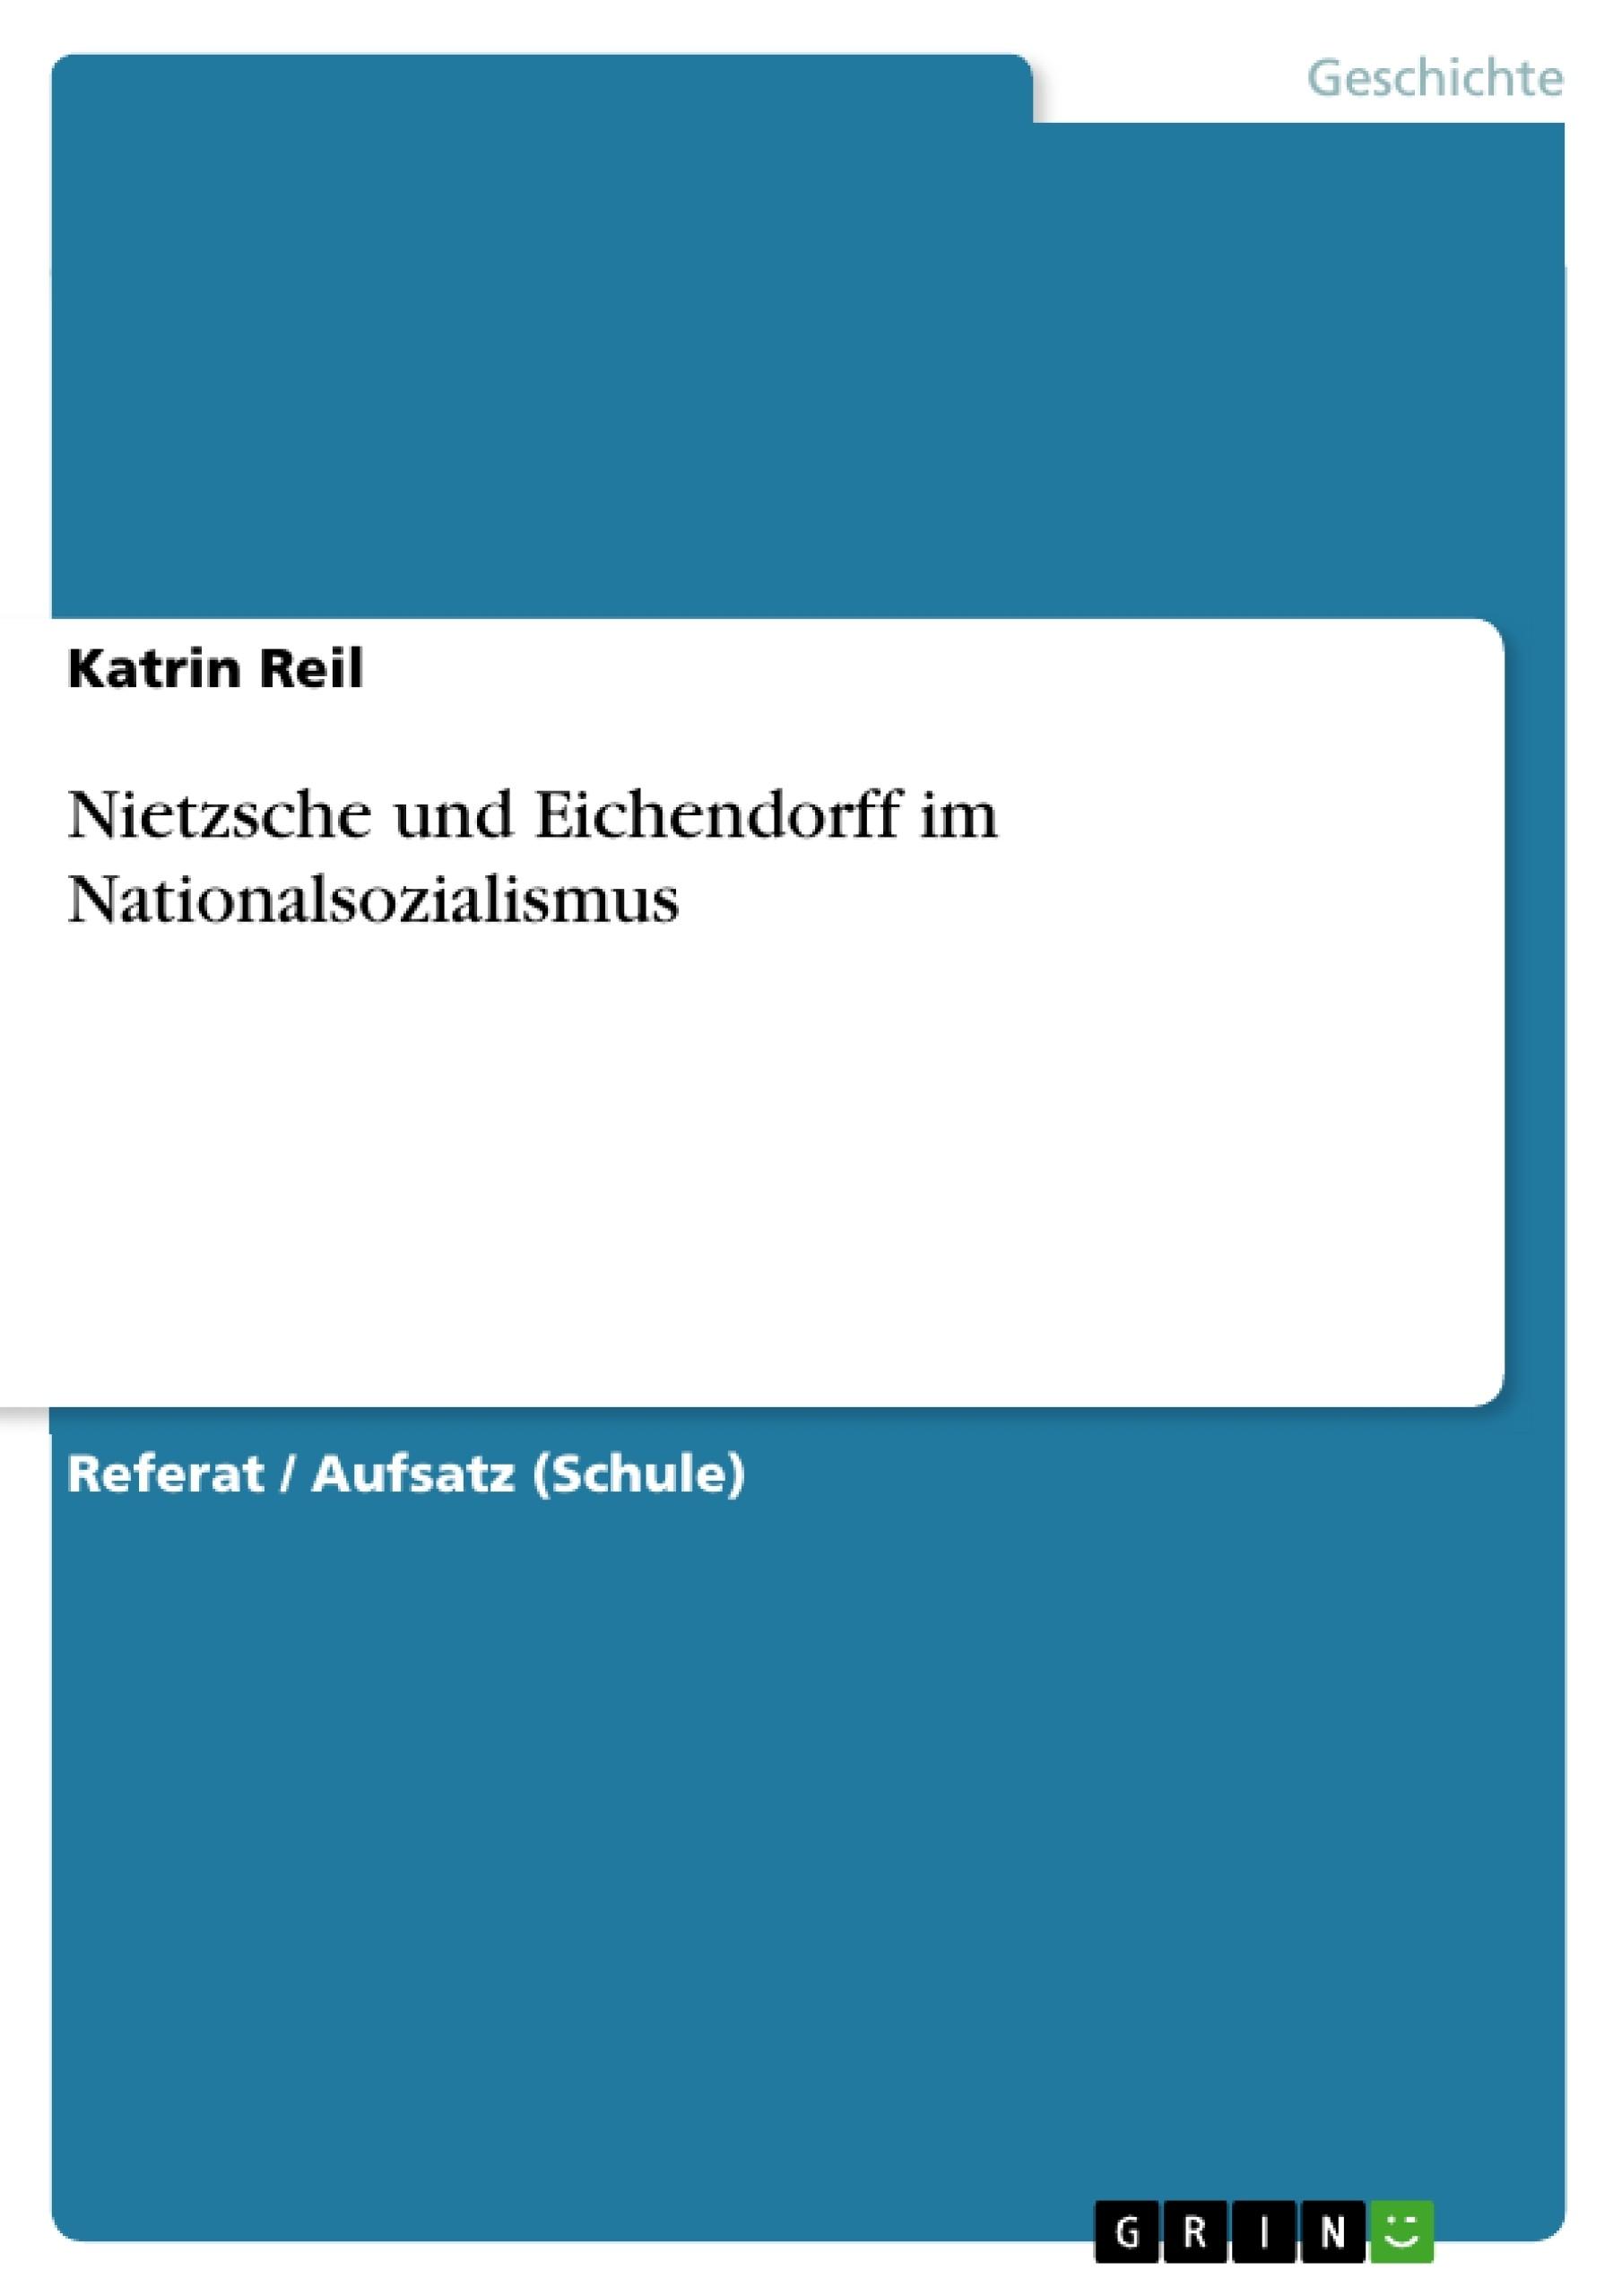 Titel: Nietzsche und Eichendorff im Nationalsozialismus